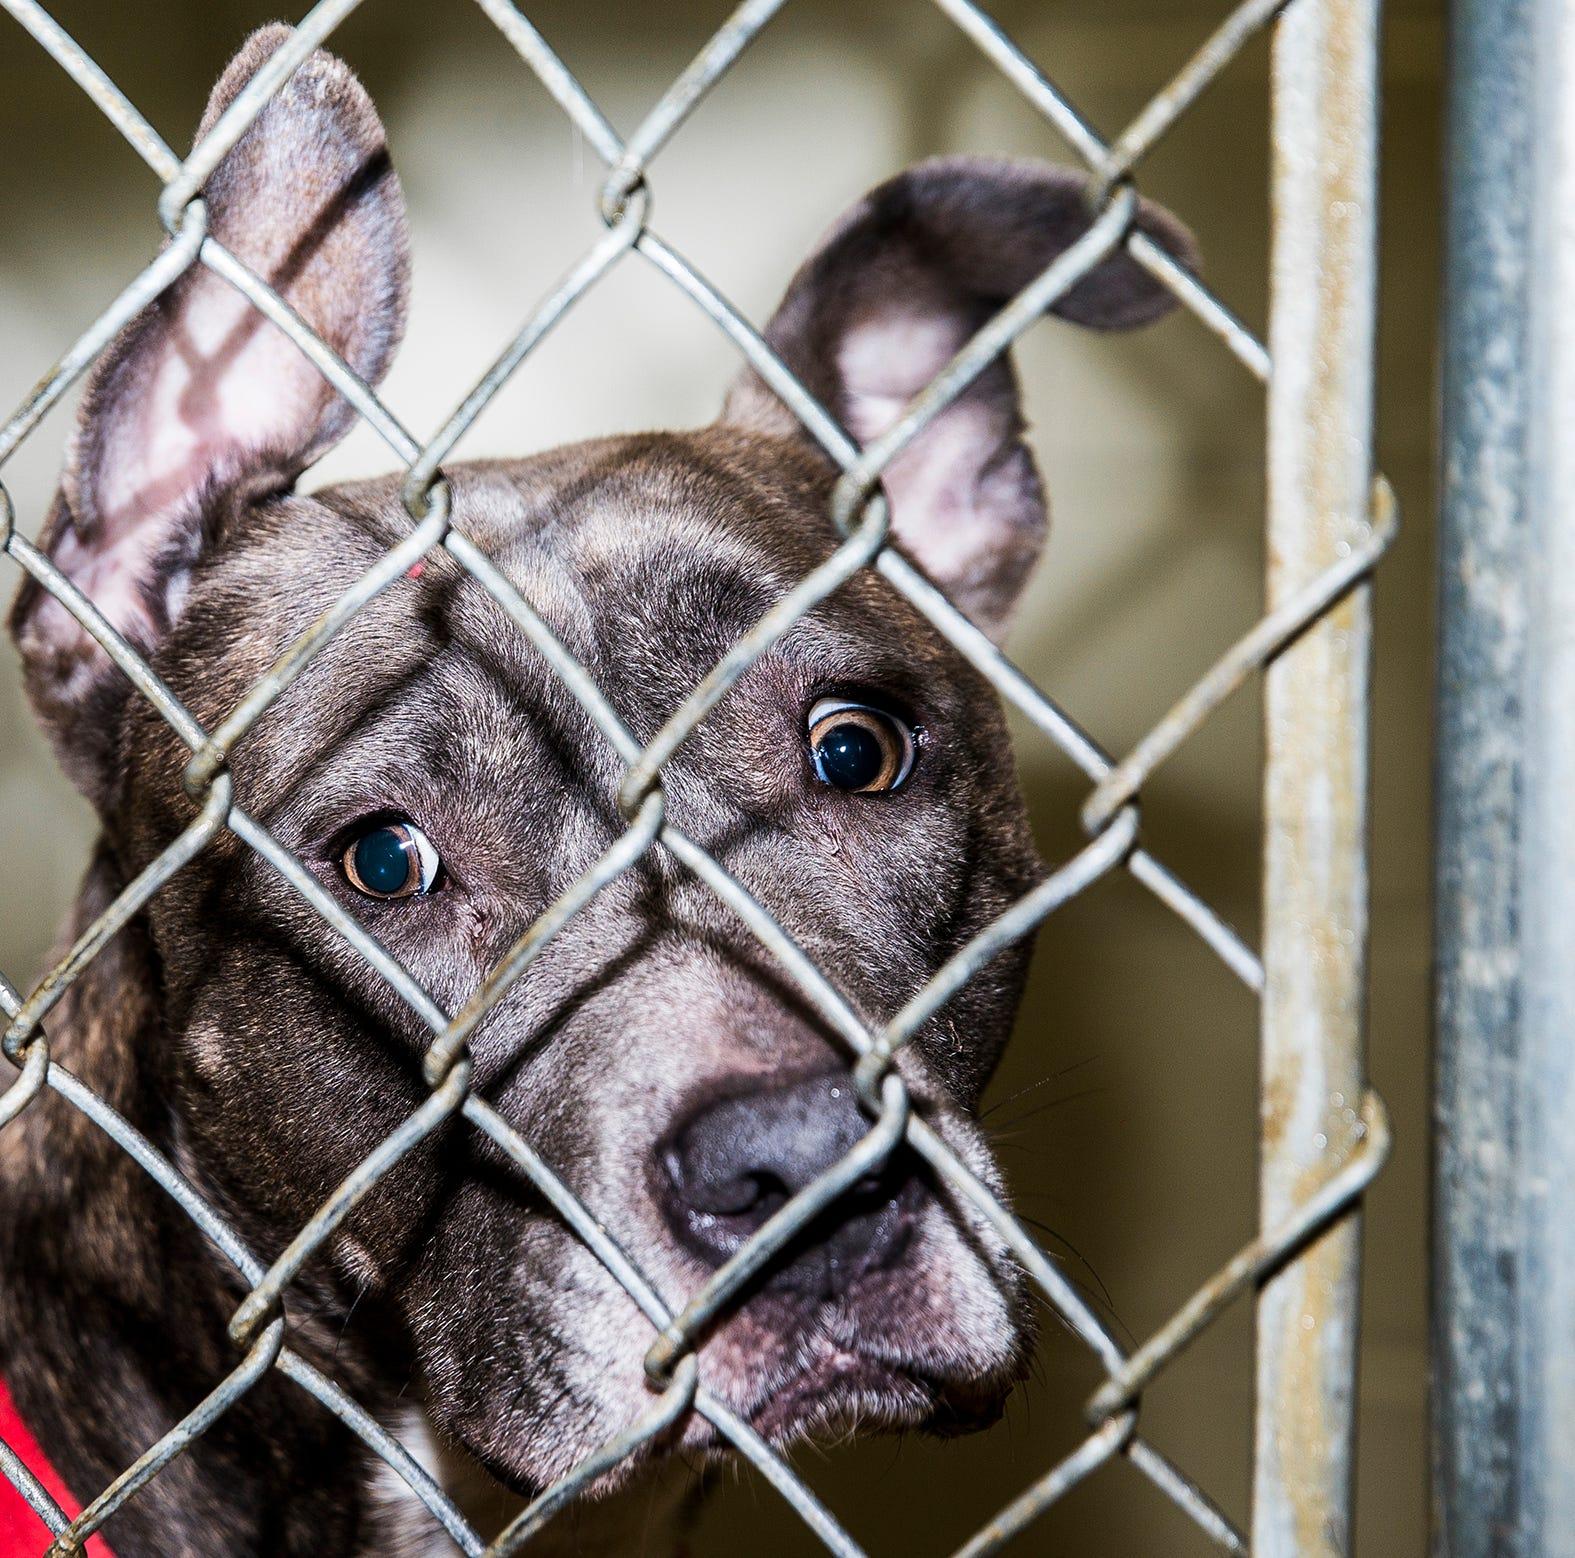 Muncie animal shelter reducing adoption fees during 'Spring Extravaganza' promotion